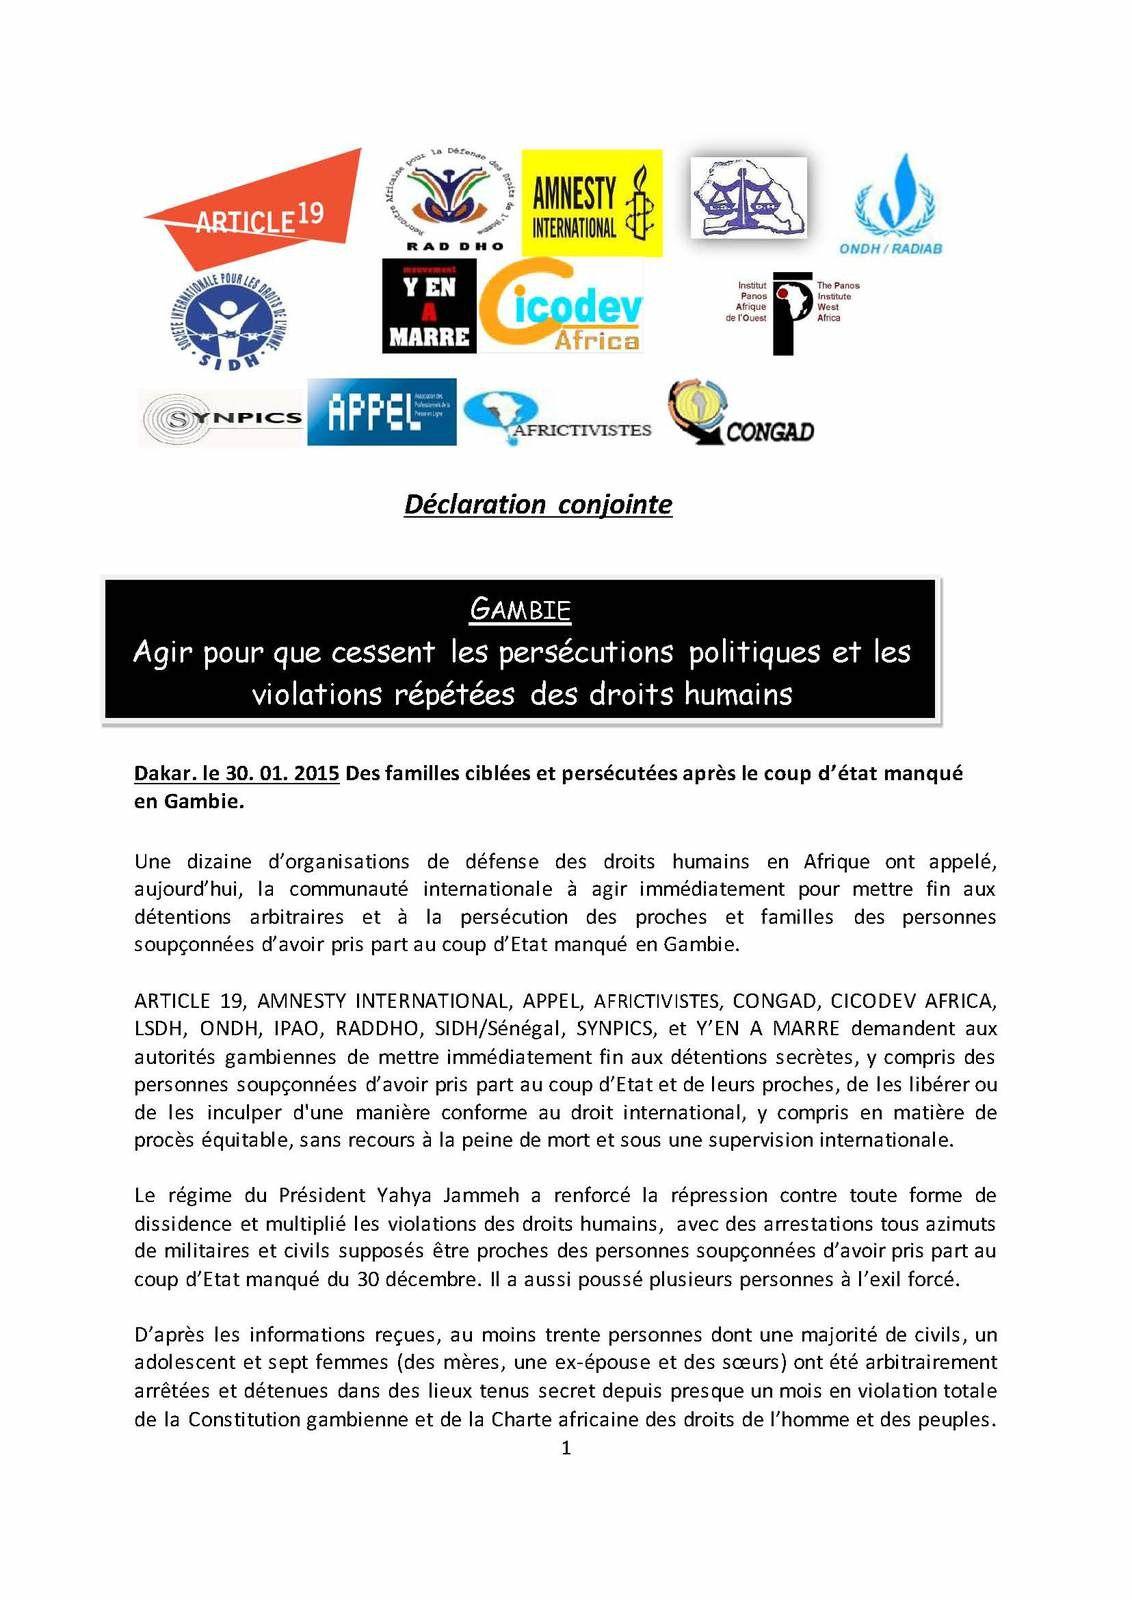 Gambie: Agir pour que cessent les persécutions politiques et les violations répétées des droits humains